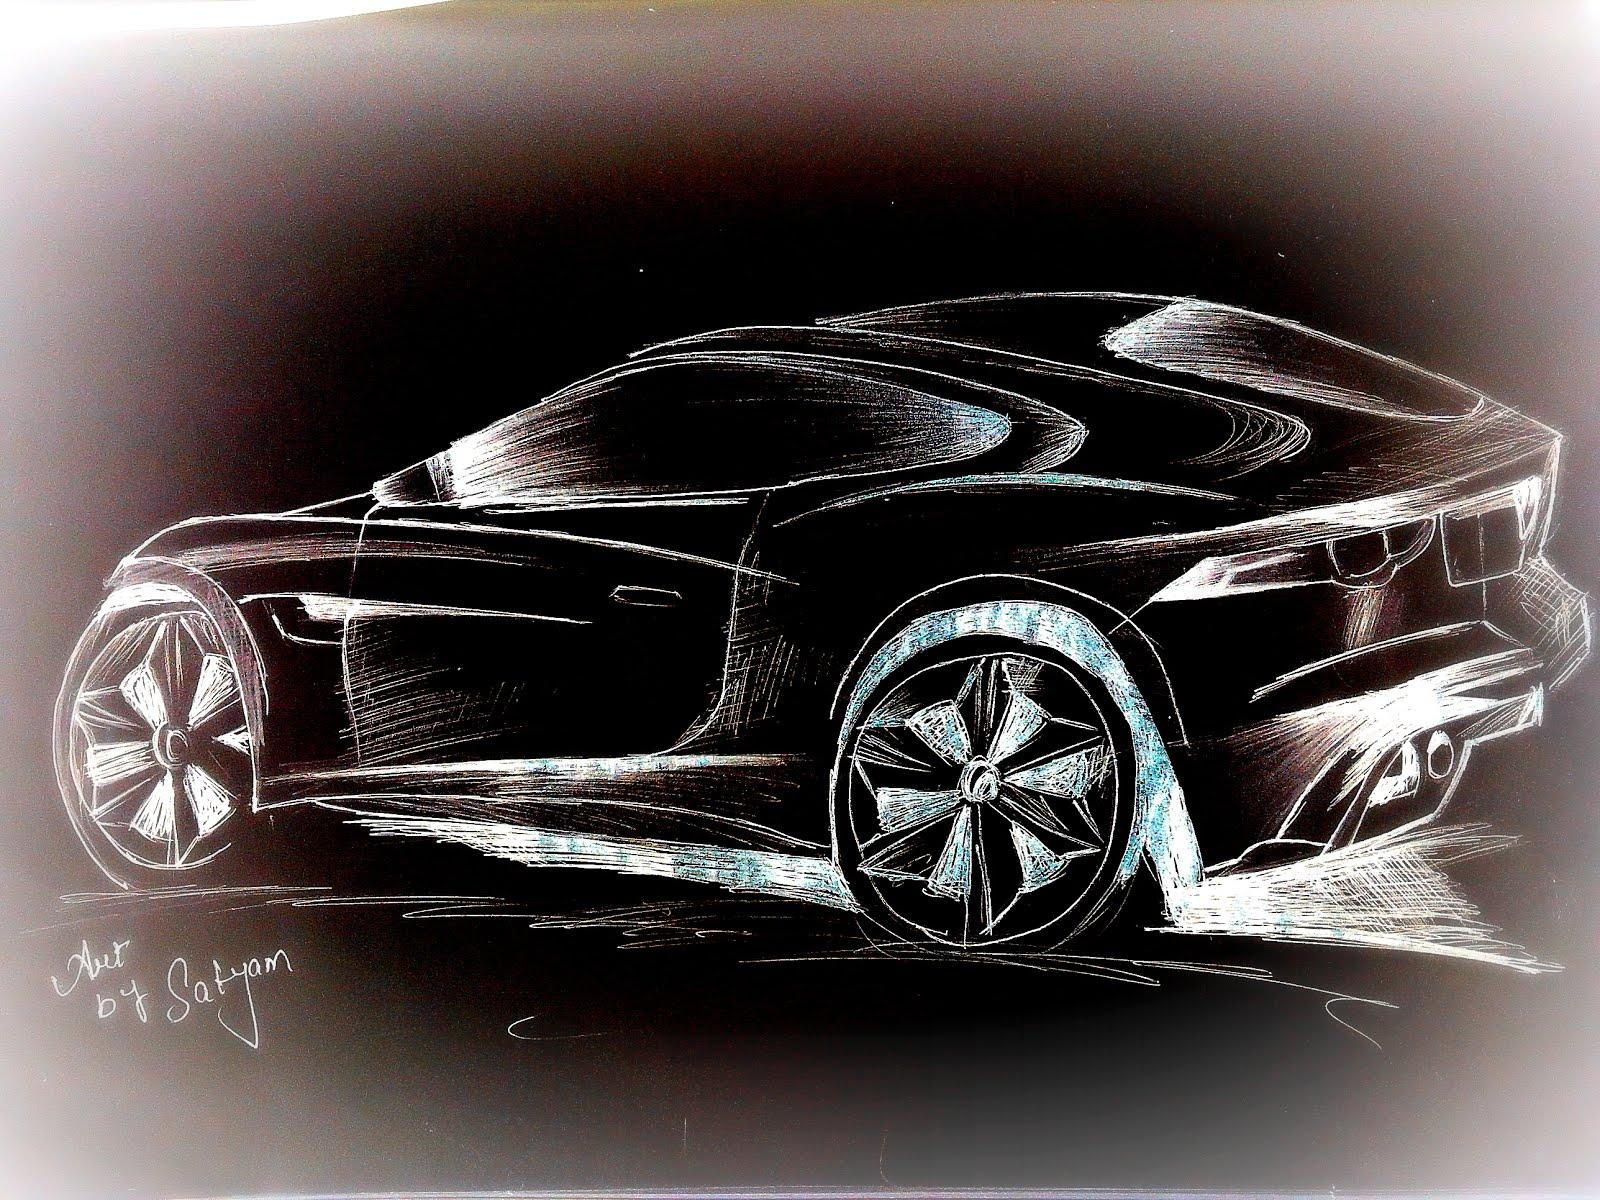 1600x1200 How To Draw Sports Car Proart By Satyam Sports